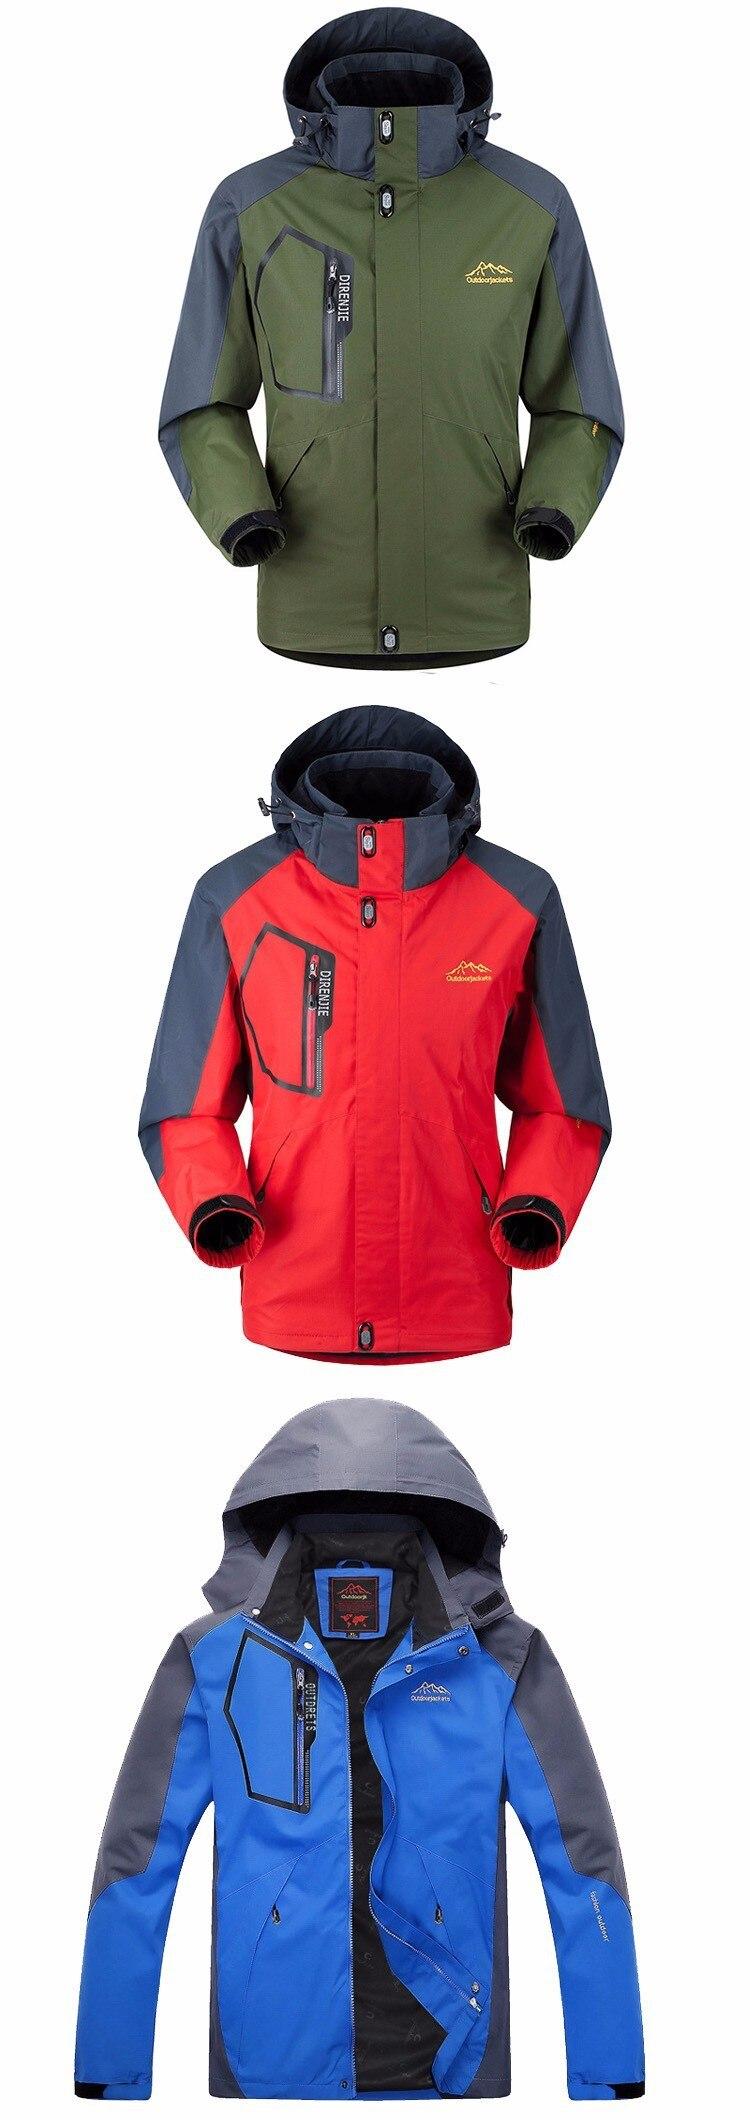 outdoor jacket 1211 3